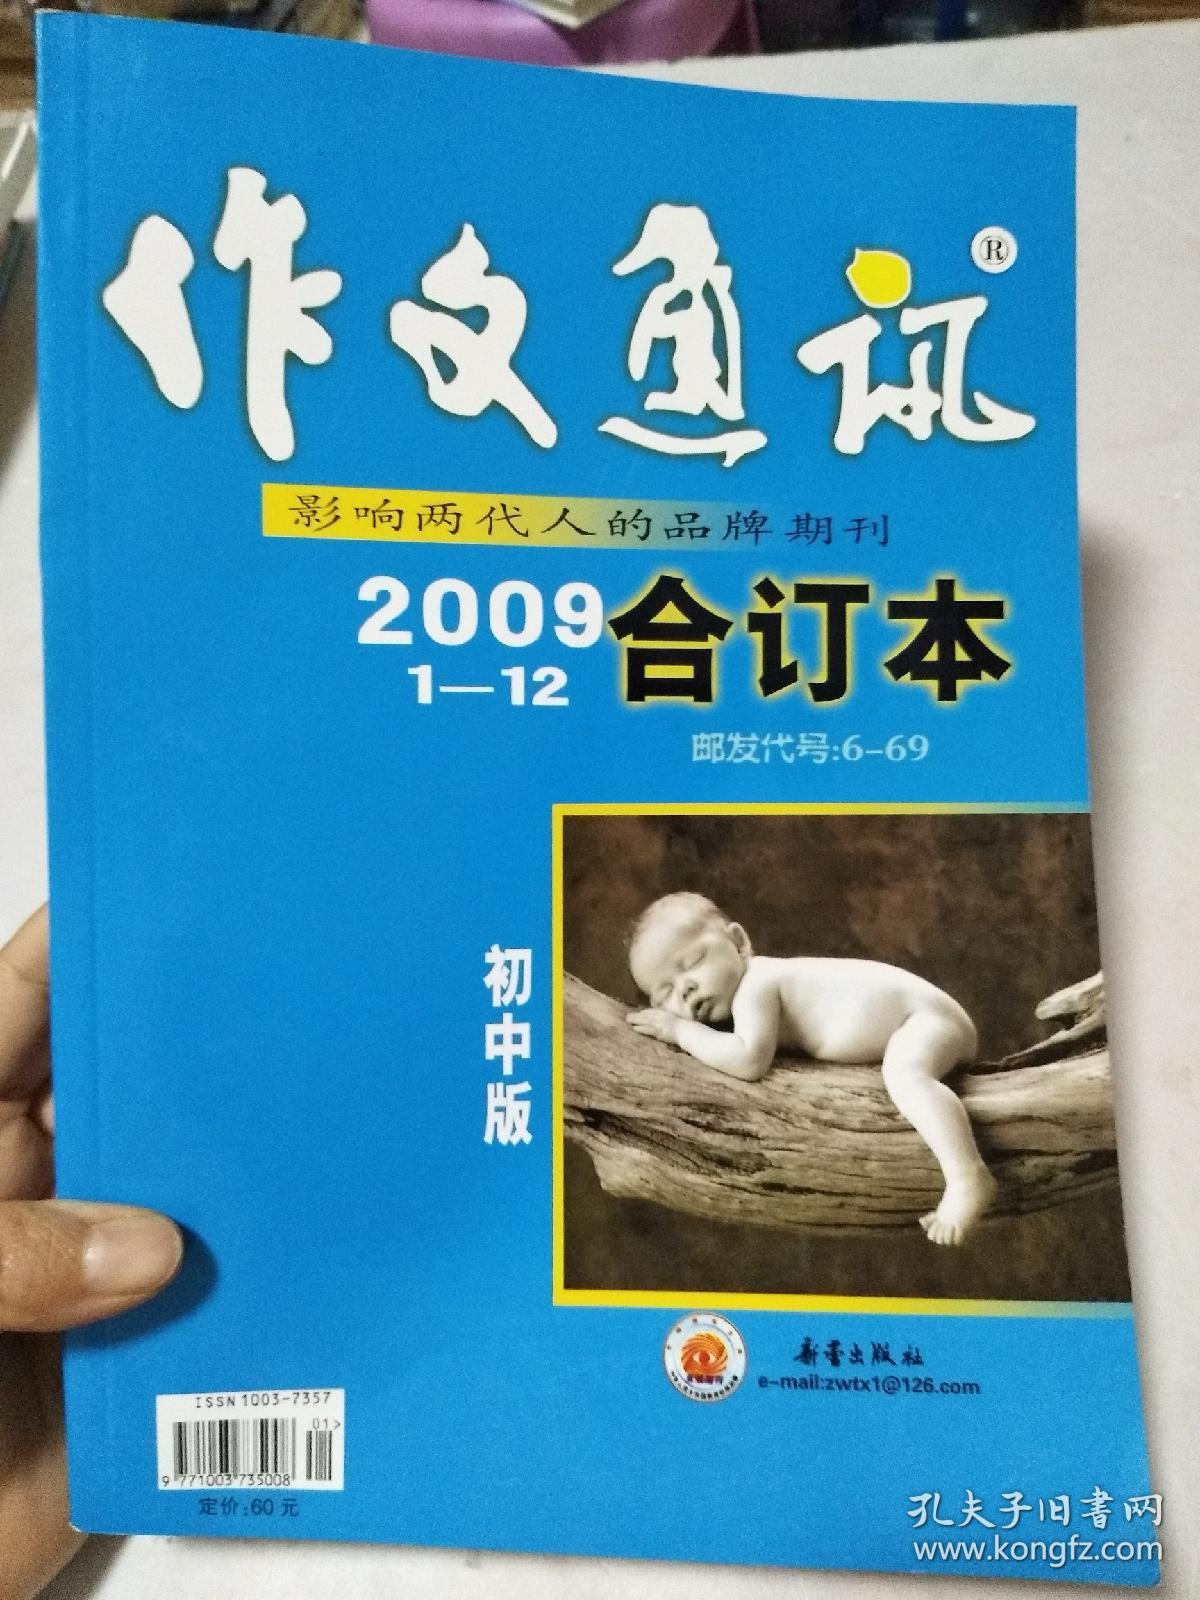 通讯寓意2009合订本1-12初中版(v通讯两代人的设计图片及作文初中班徽图片